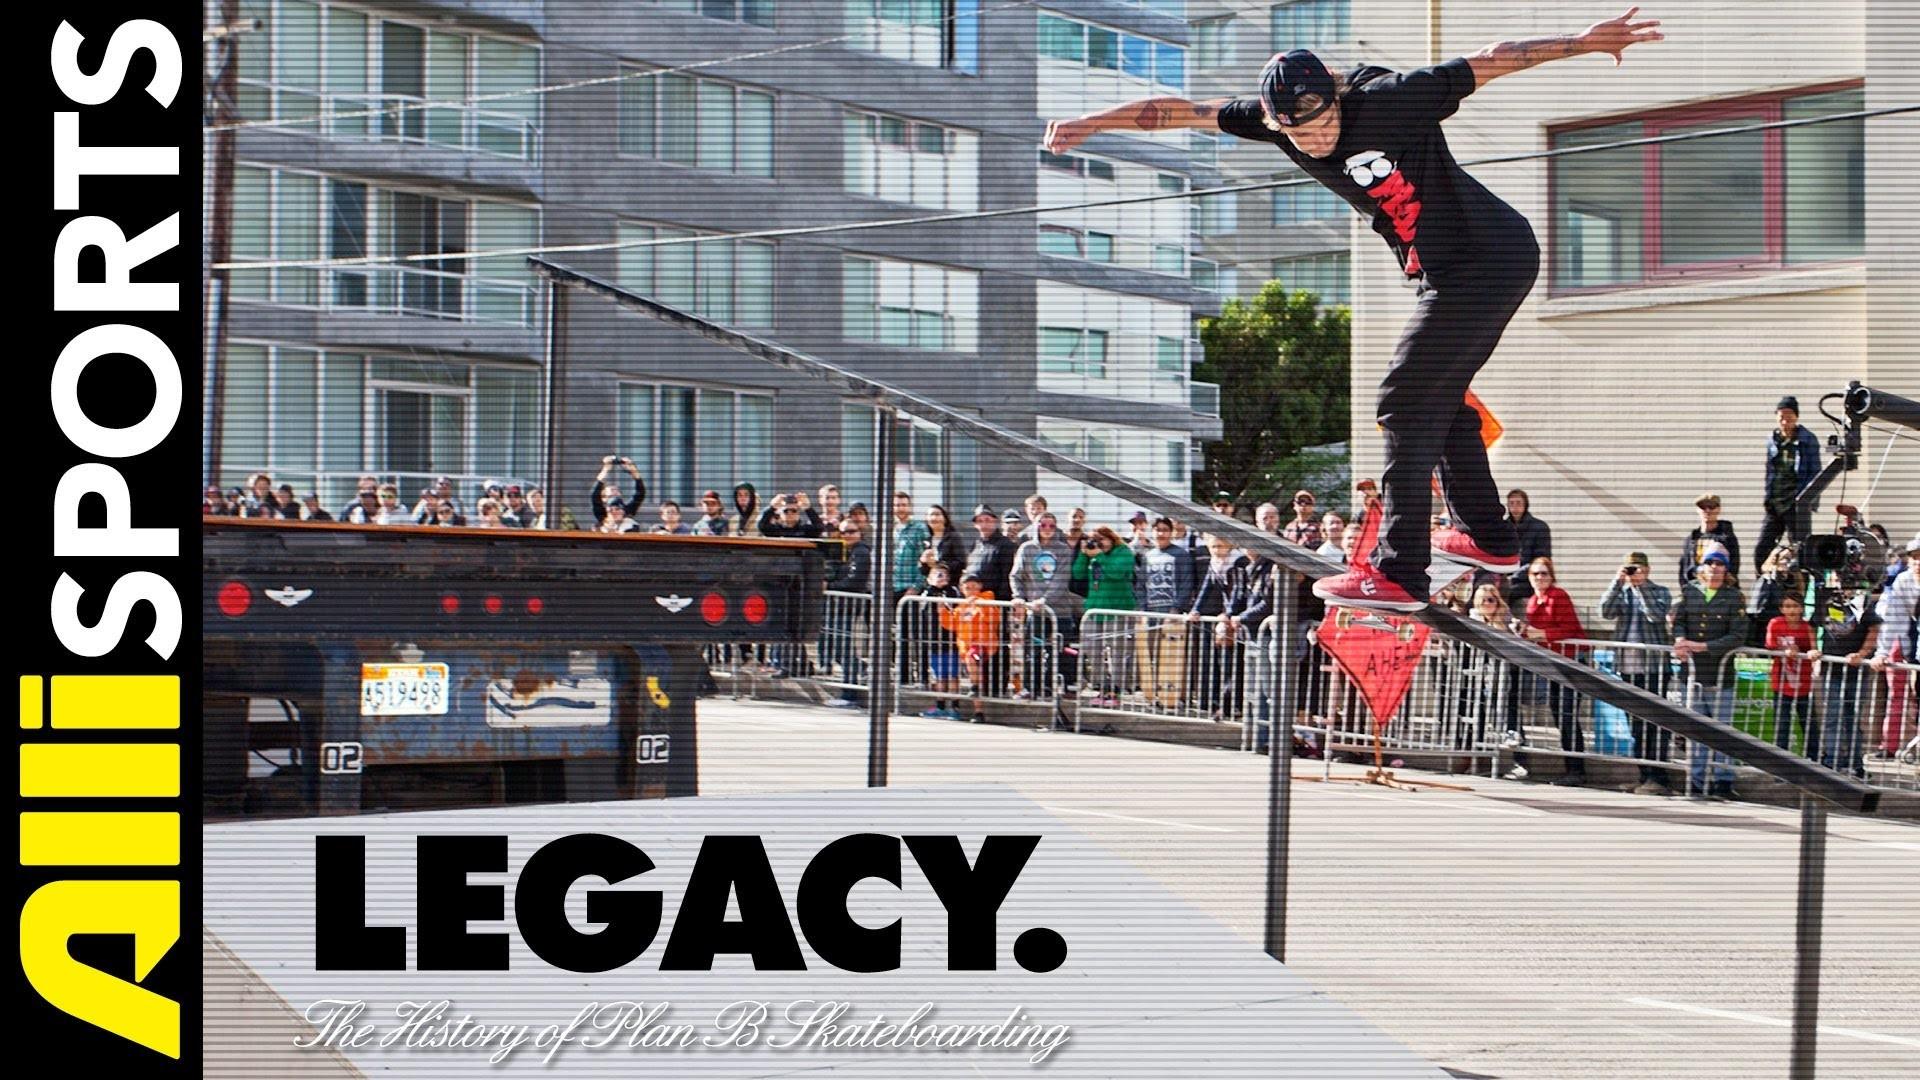 Plan B Skateboarding Wallpapers (43+ images)